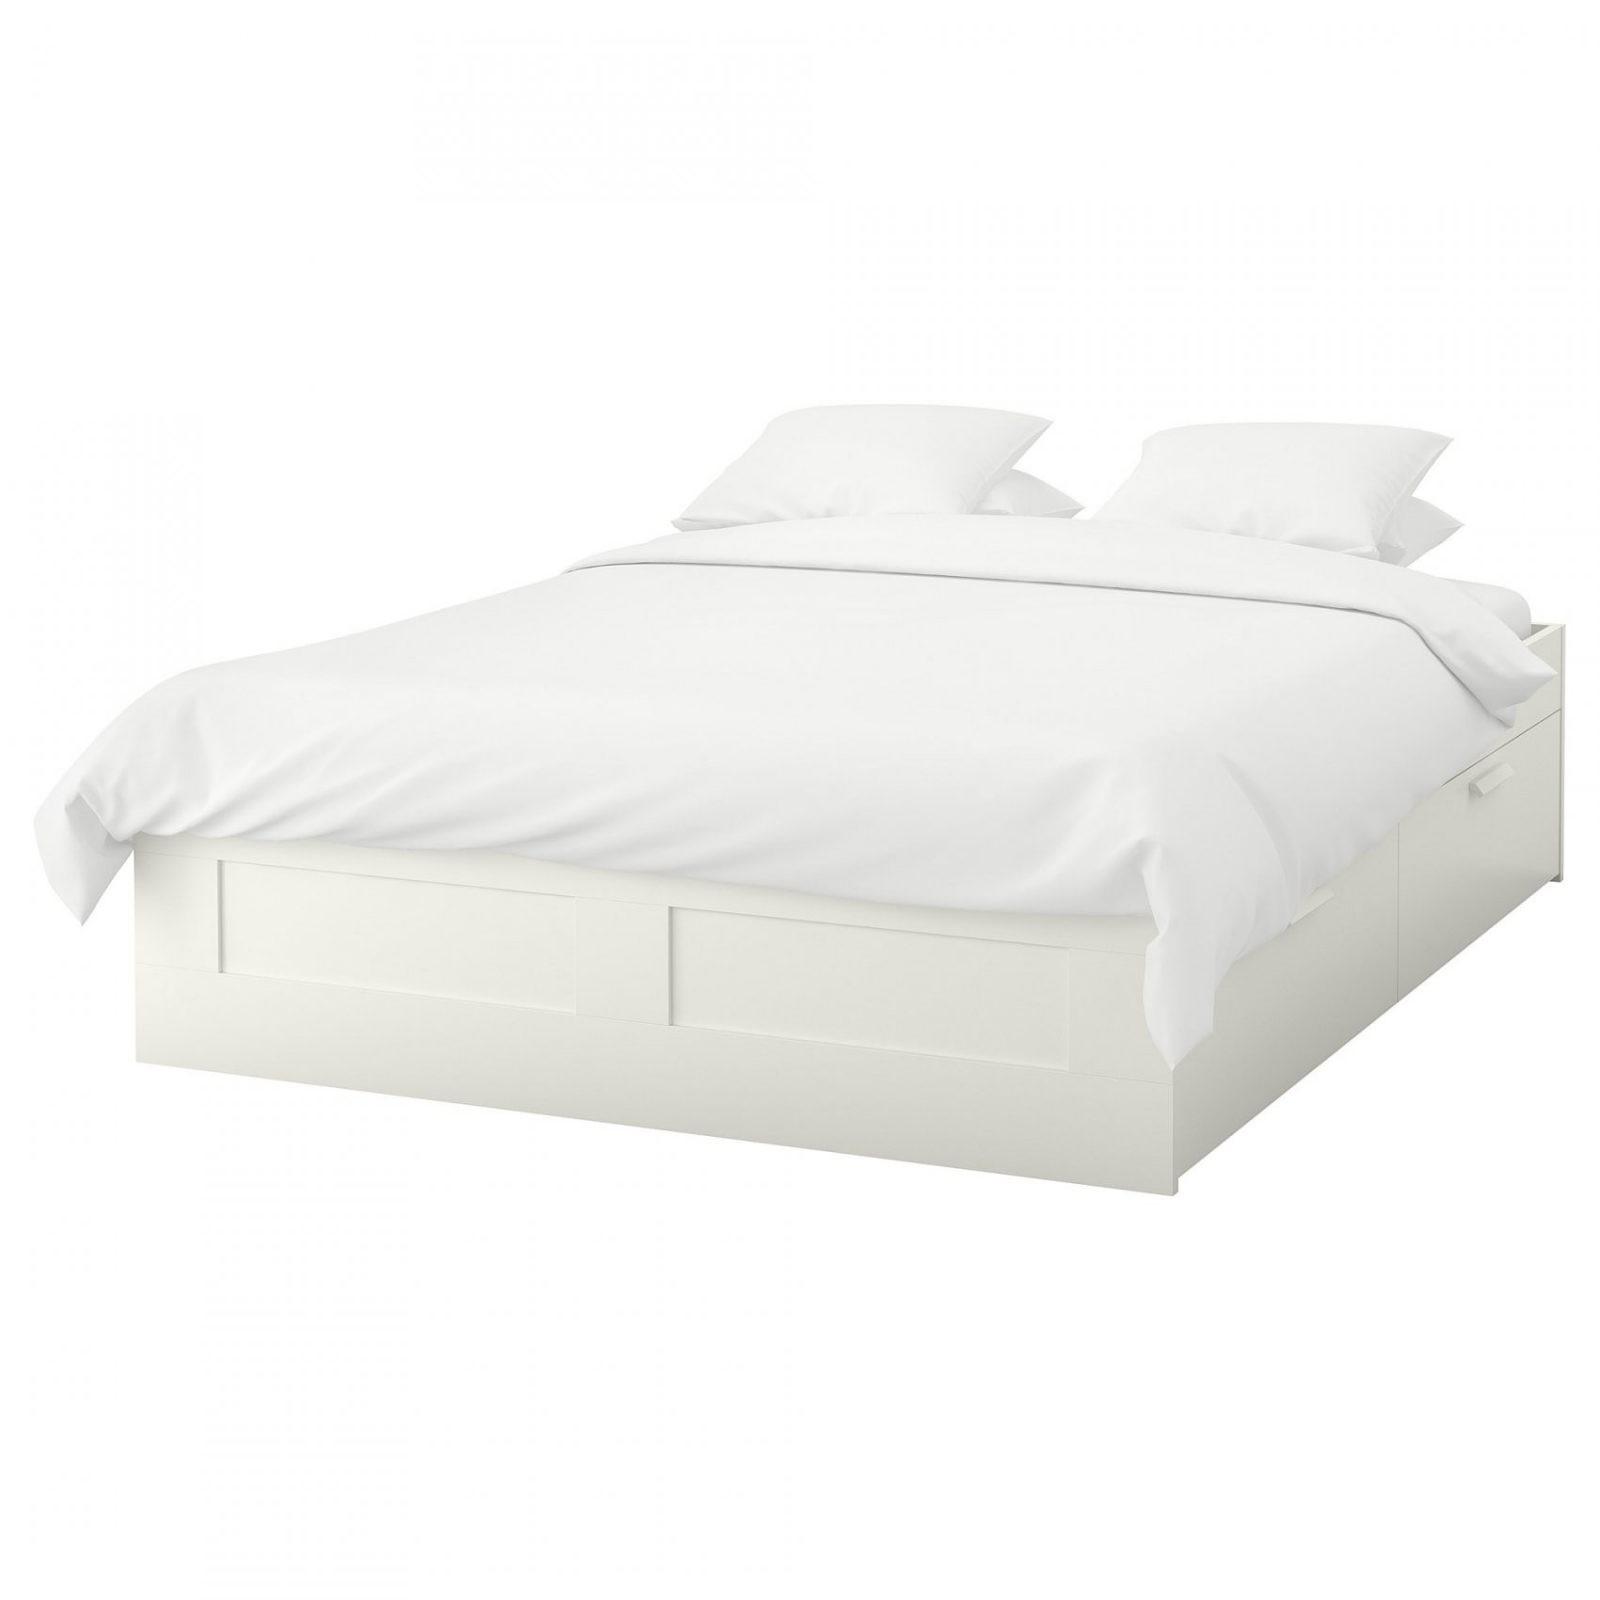 Brimnes Bedframe Met Opberglades  160X200 Cm  Wit  Ikea von Ikea Brimnes Bett 140X200 Bild